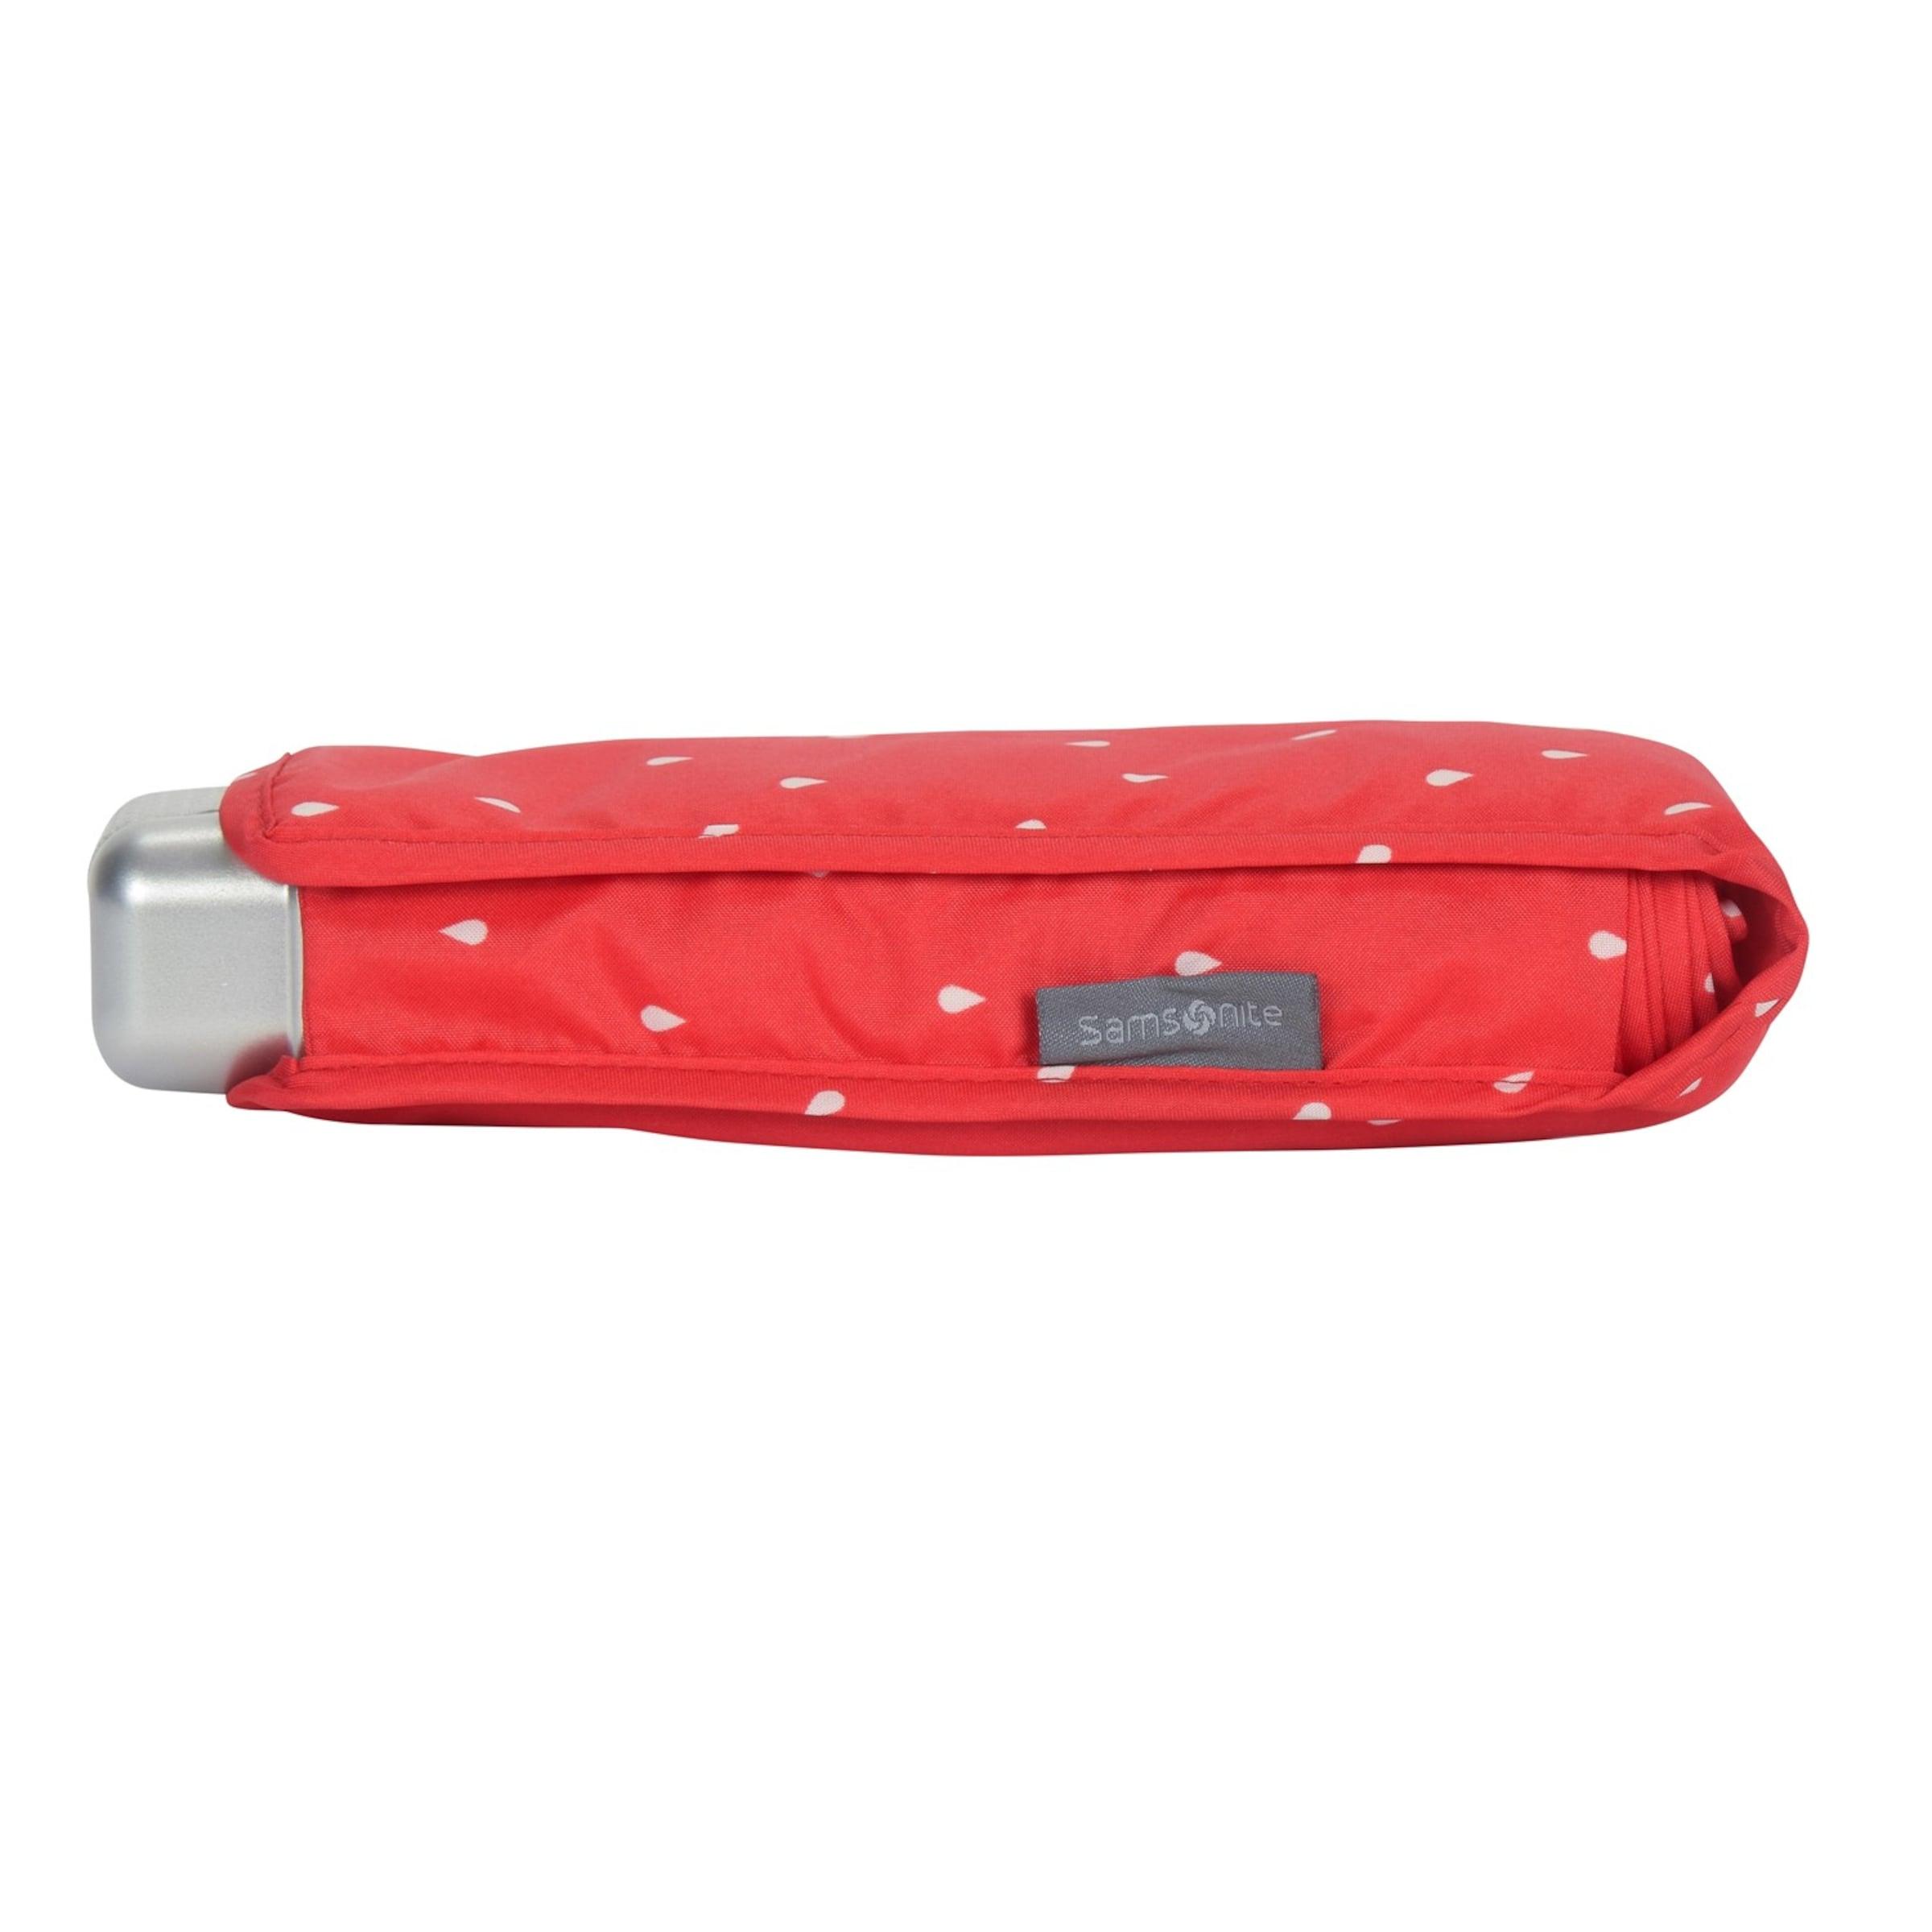 SAMSONITE Accessoires Taschenschirm 17 cm Verkauf Wie Viel Billige Schnelle Lieferung Mit Mastercard Billig Verkauf Große Diskont U8yygF3N7b